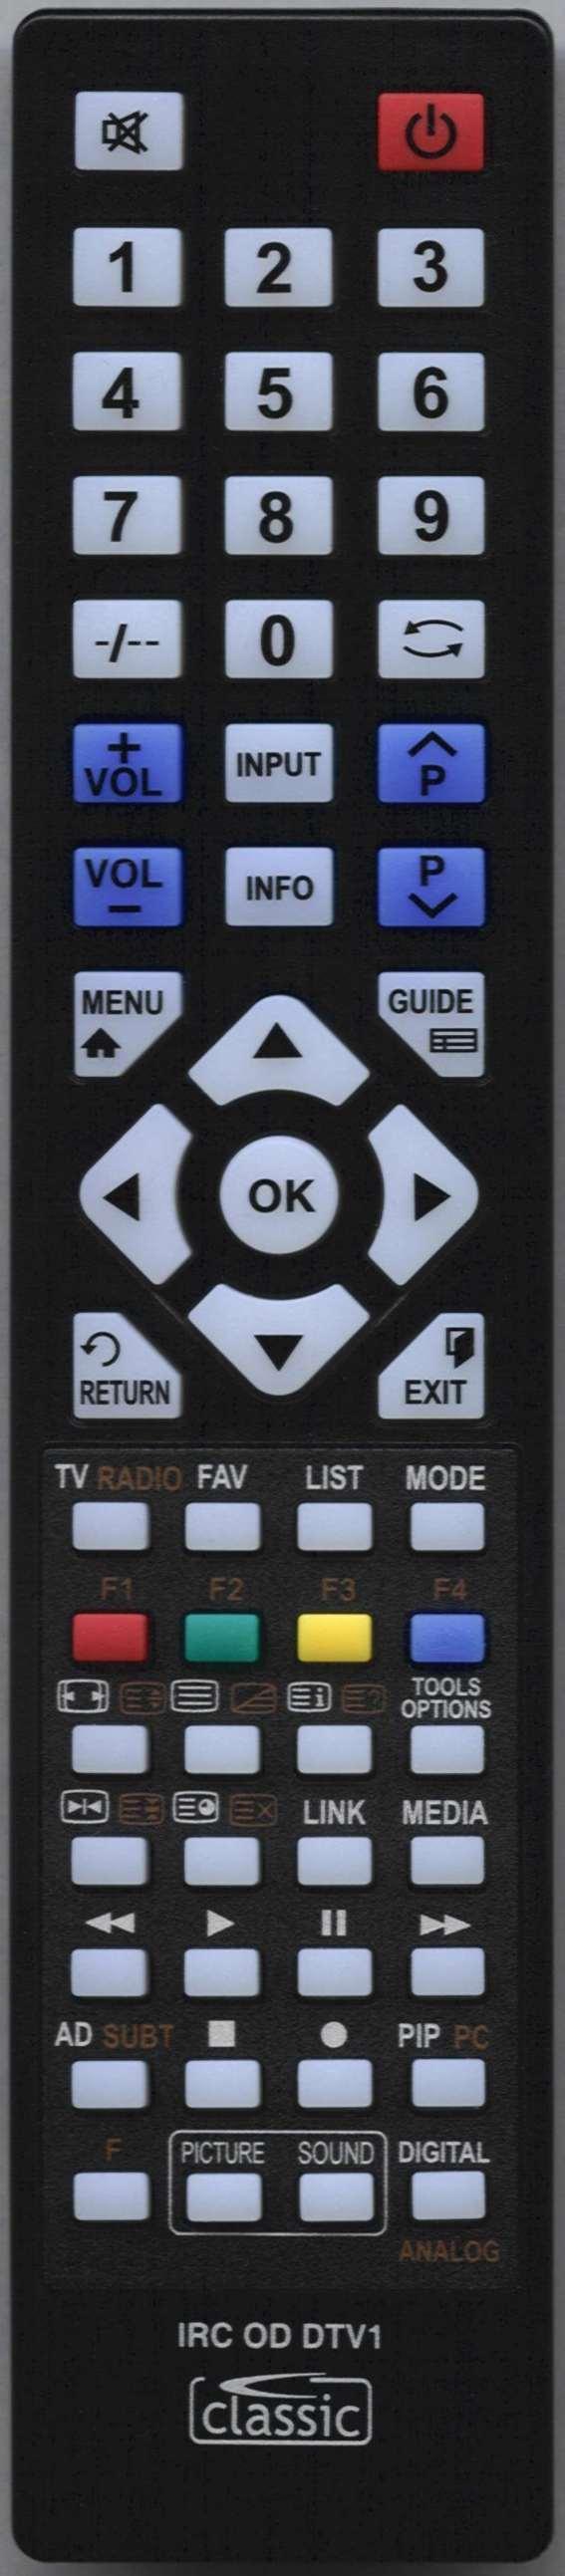 CELLO C26103F Remote Control